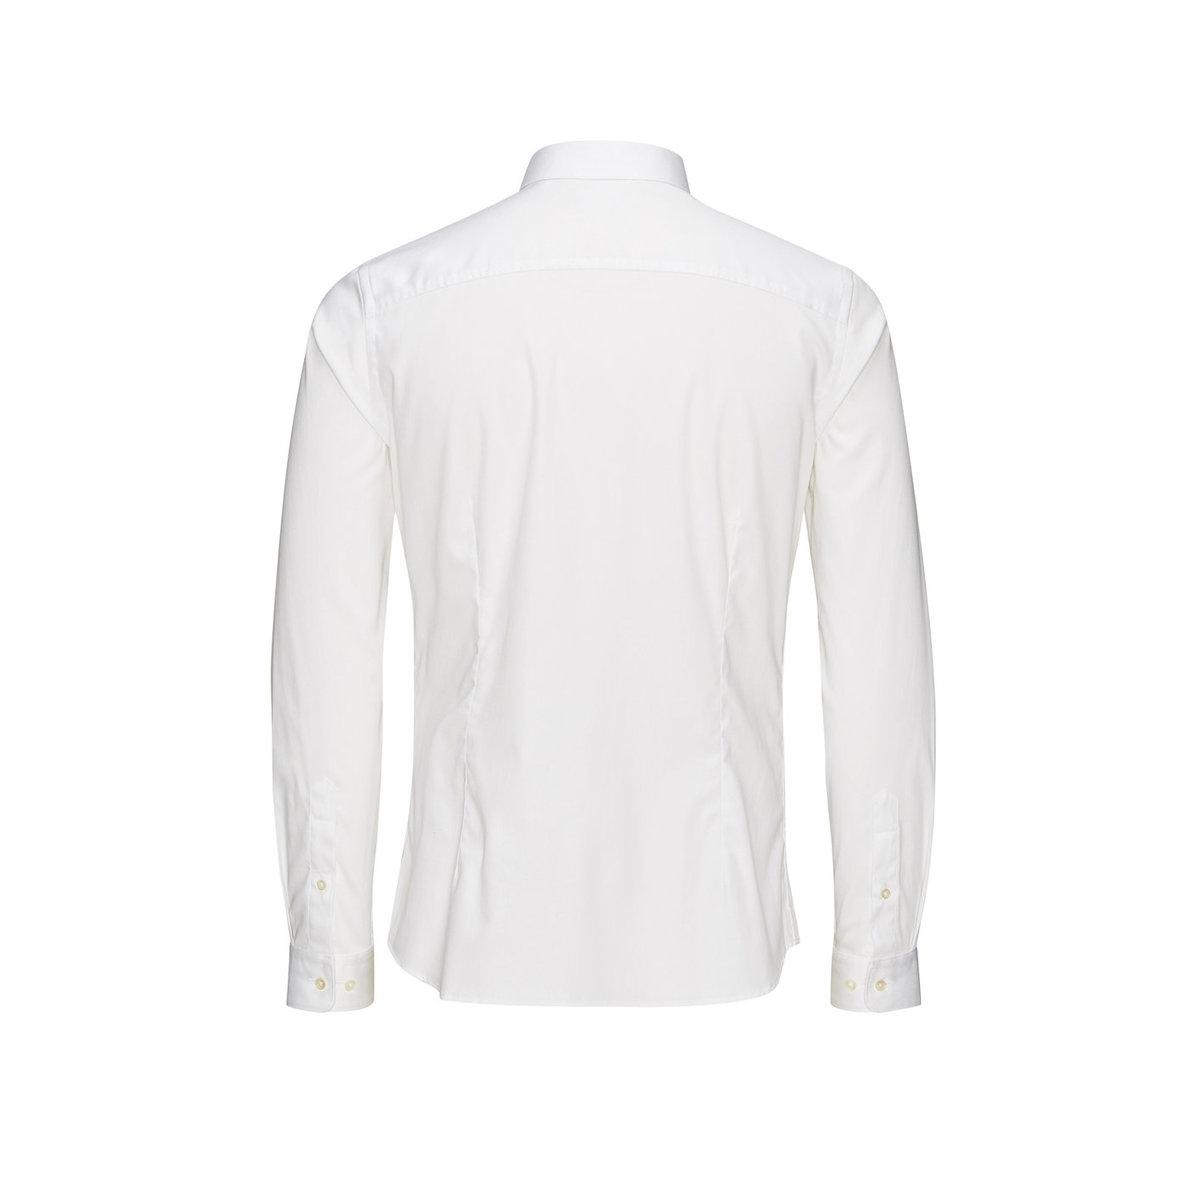 jjprparma shirt 12097662 jack & jones overhemd white